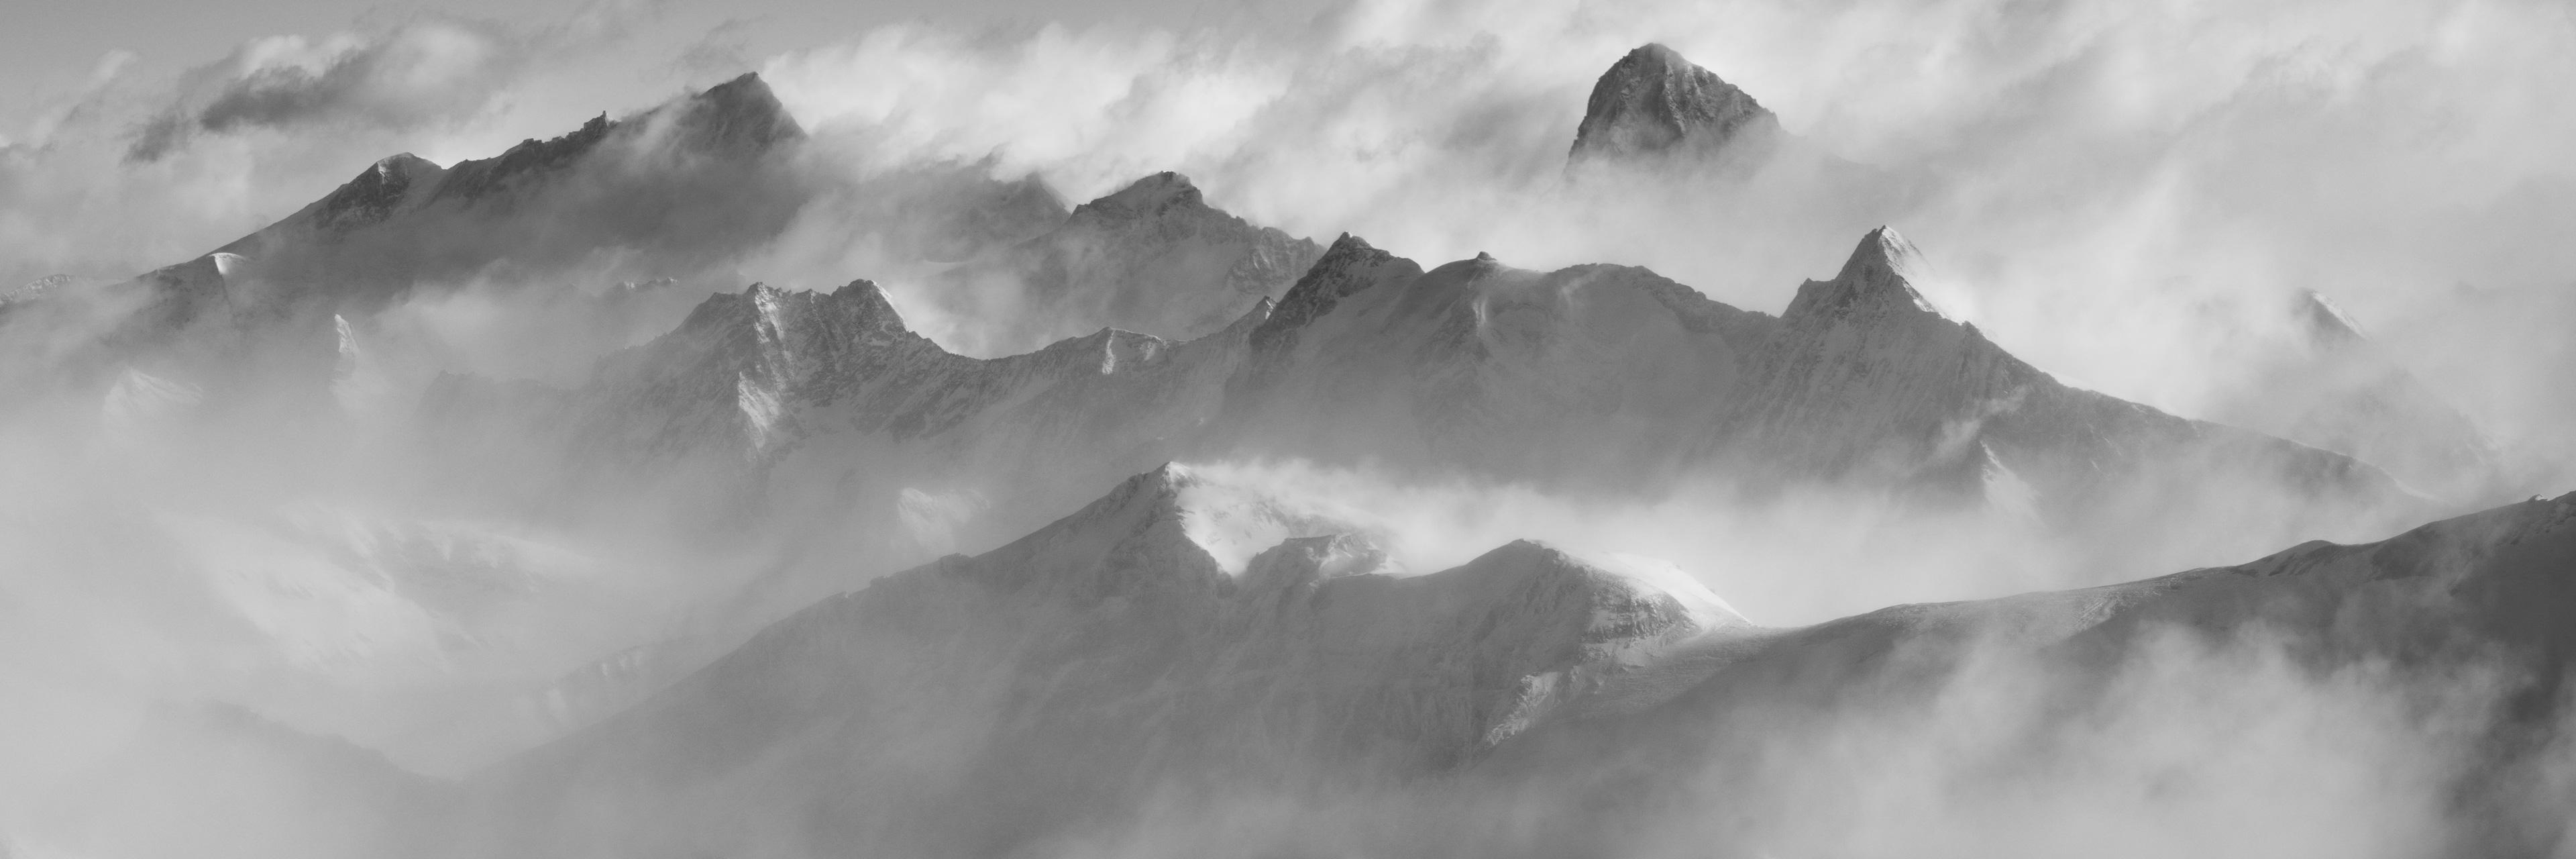 Panorama des sommets de montagne des Alpes Valaisannes en noir et blanc dans une mer de nuages - Crans Montana - Arolla- Dent Blanche - Val d'Hérens